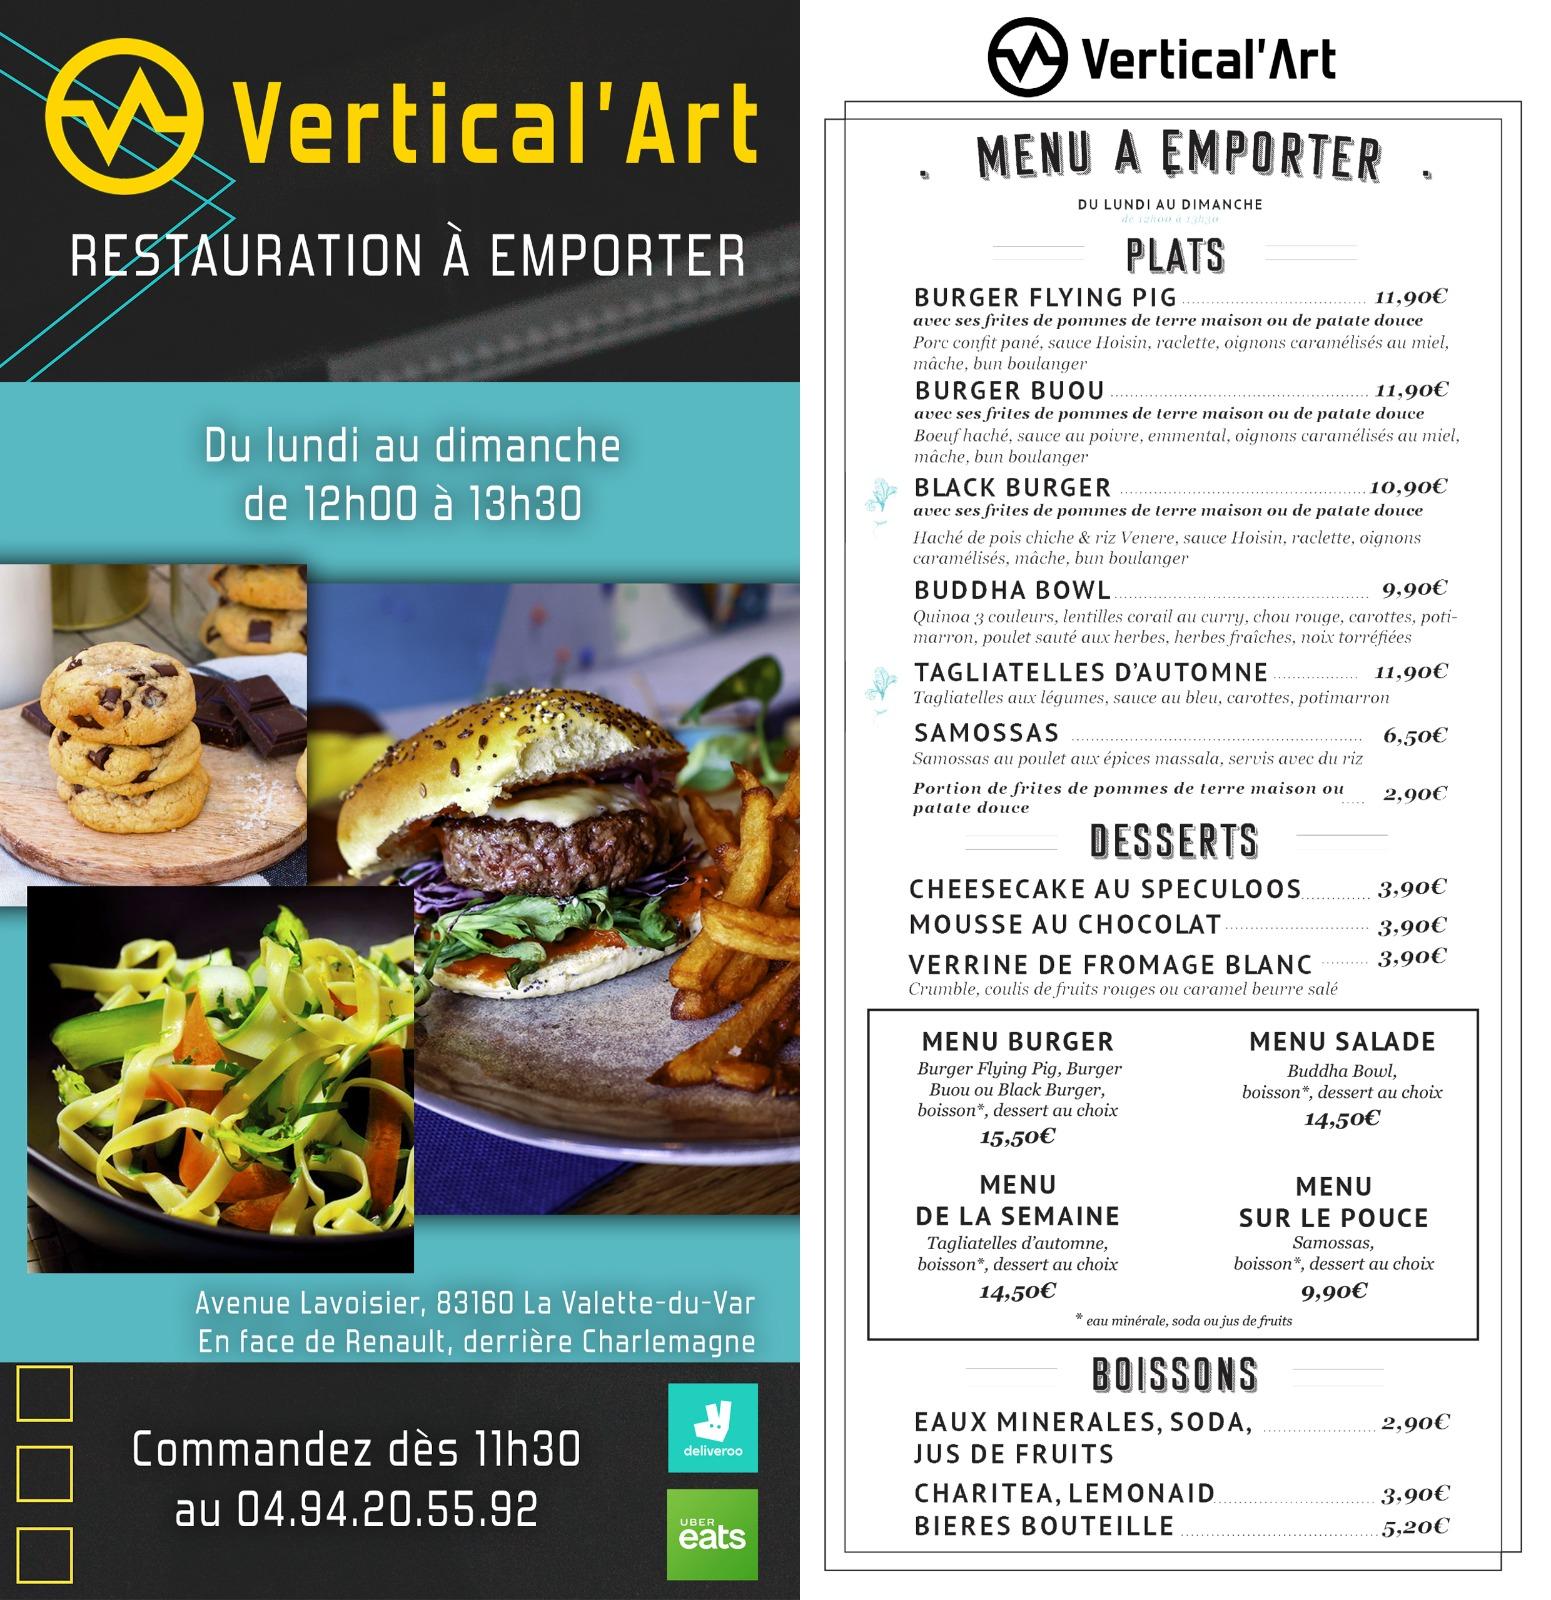 Restauration à emporter Vertical'Art Toulon, découvrez notre carte avec nos plats signature